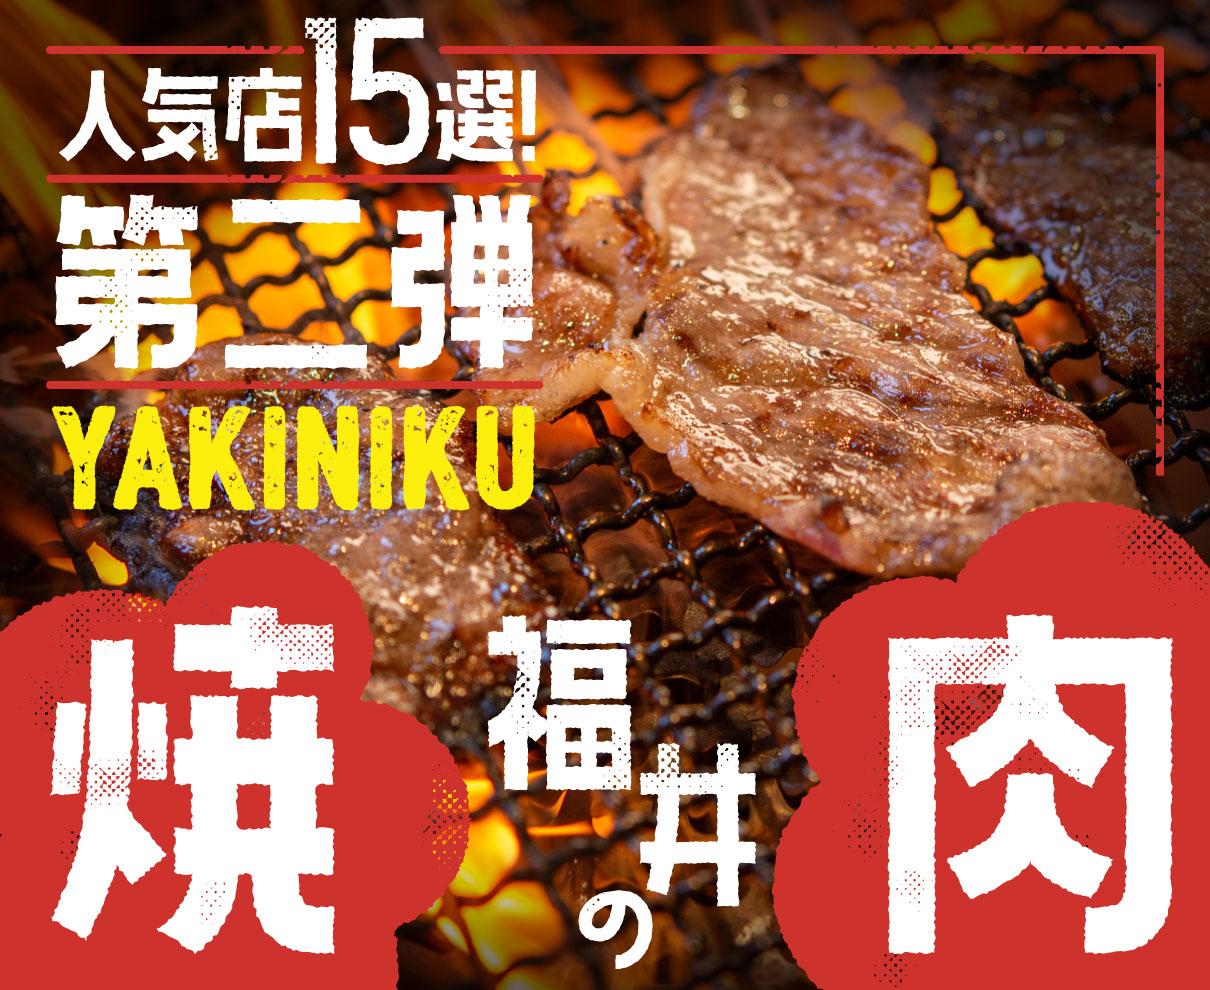 福井の焼肉、人気店15選。美味しい肉を食べて元気になろう!【第2弾】